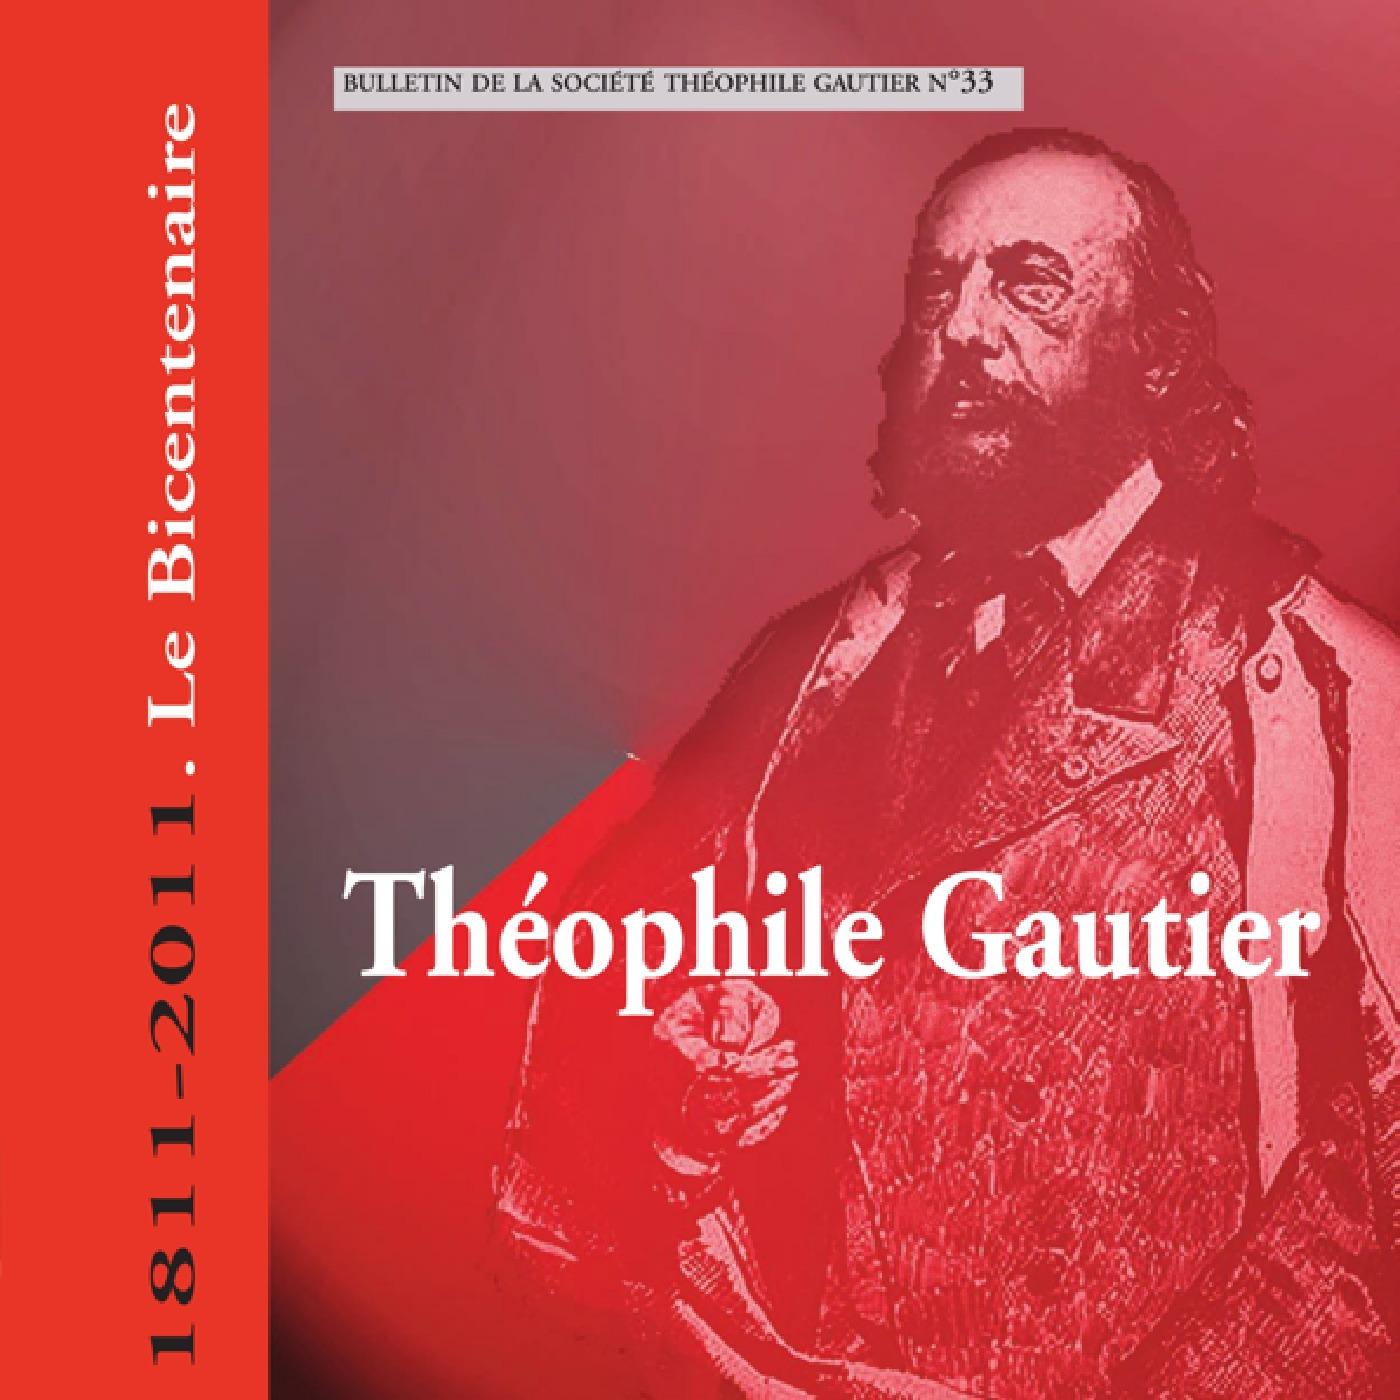 Bulletin Théophile Gautier n°33. Théophile Gautier 1811-2011. Le bicentenaire